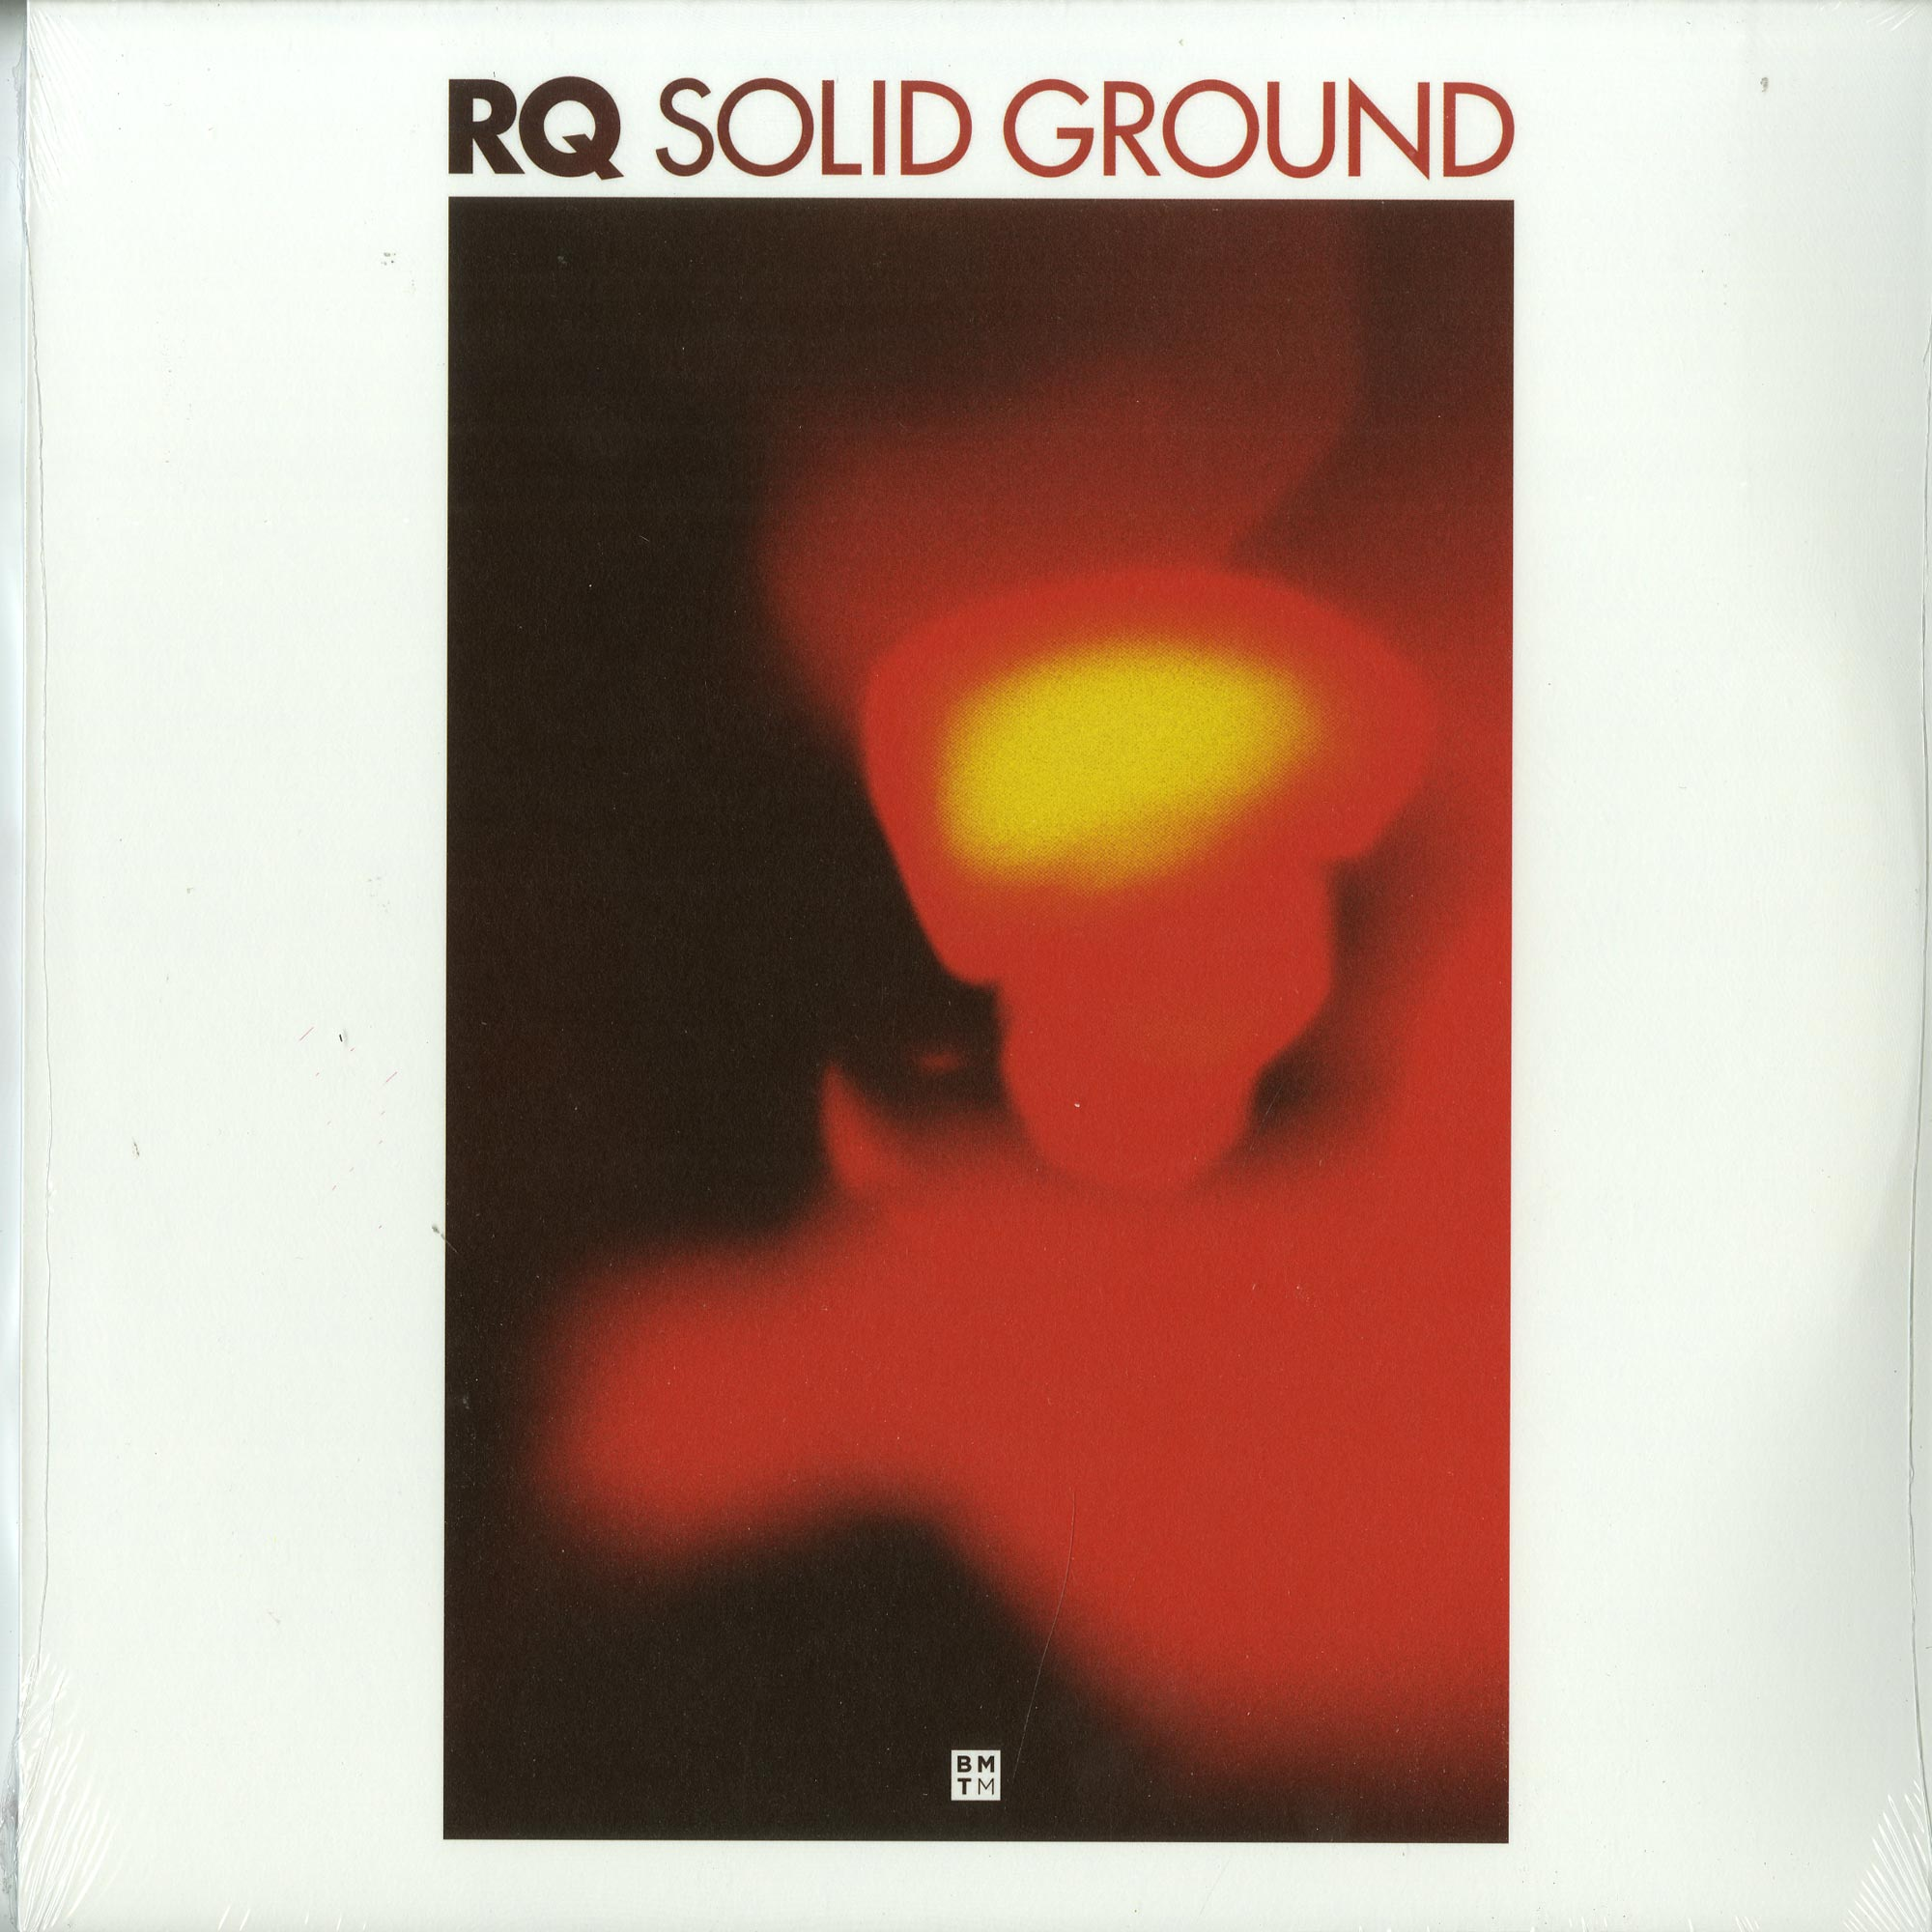 RQ - SOLID GROUND